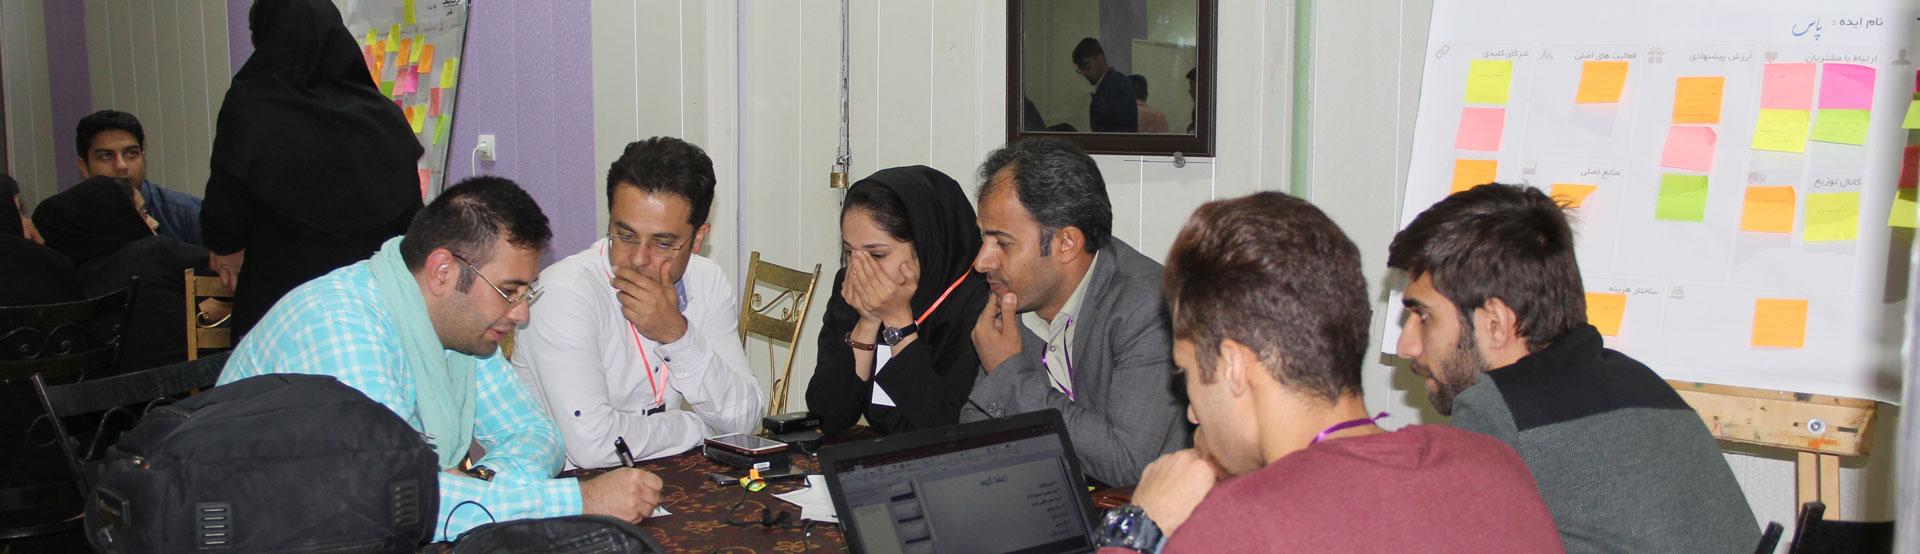 برگزاری رویداد بوت-کمپ کارآفرینی